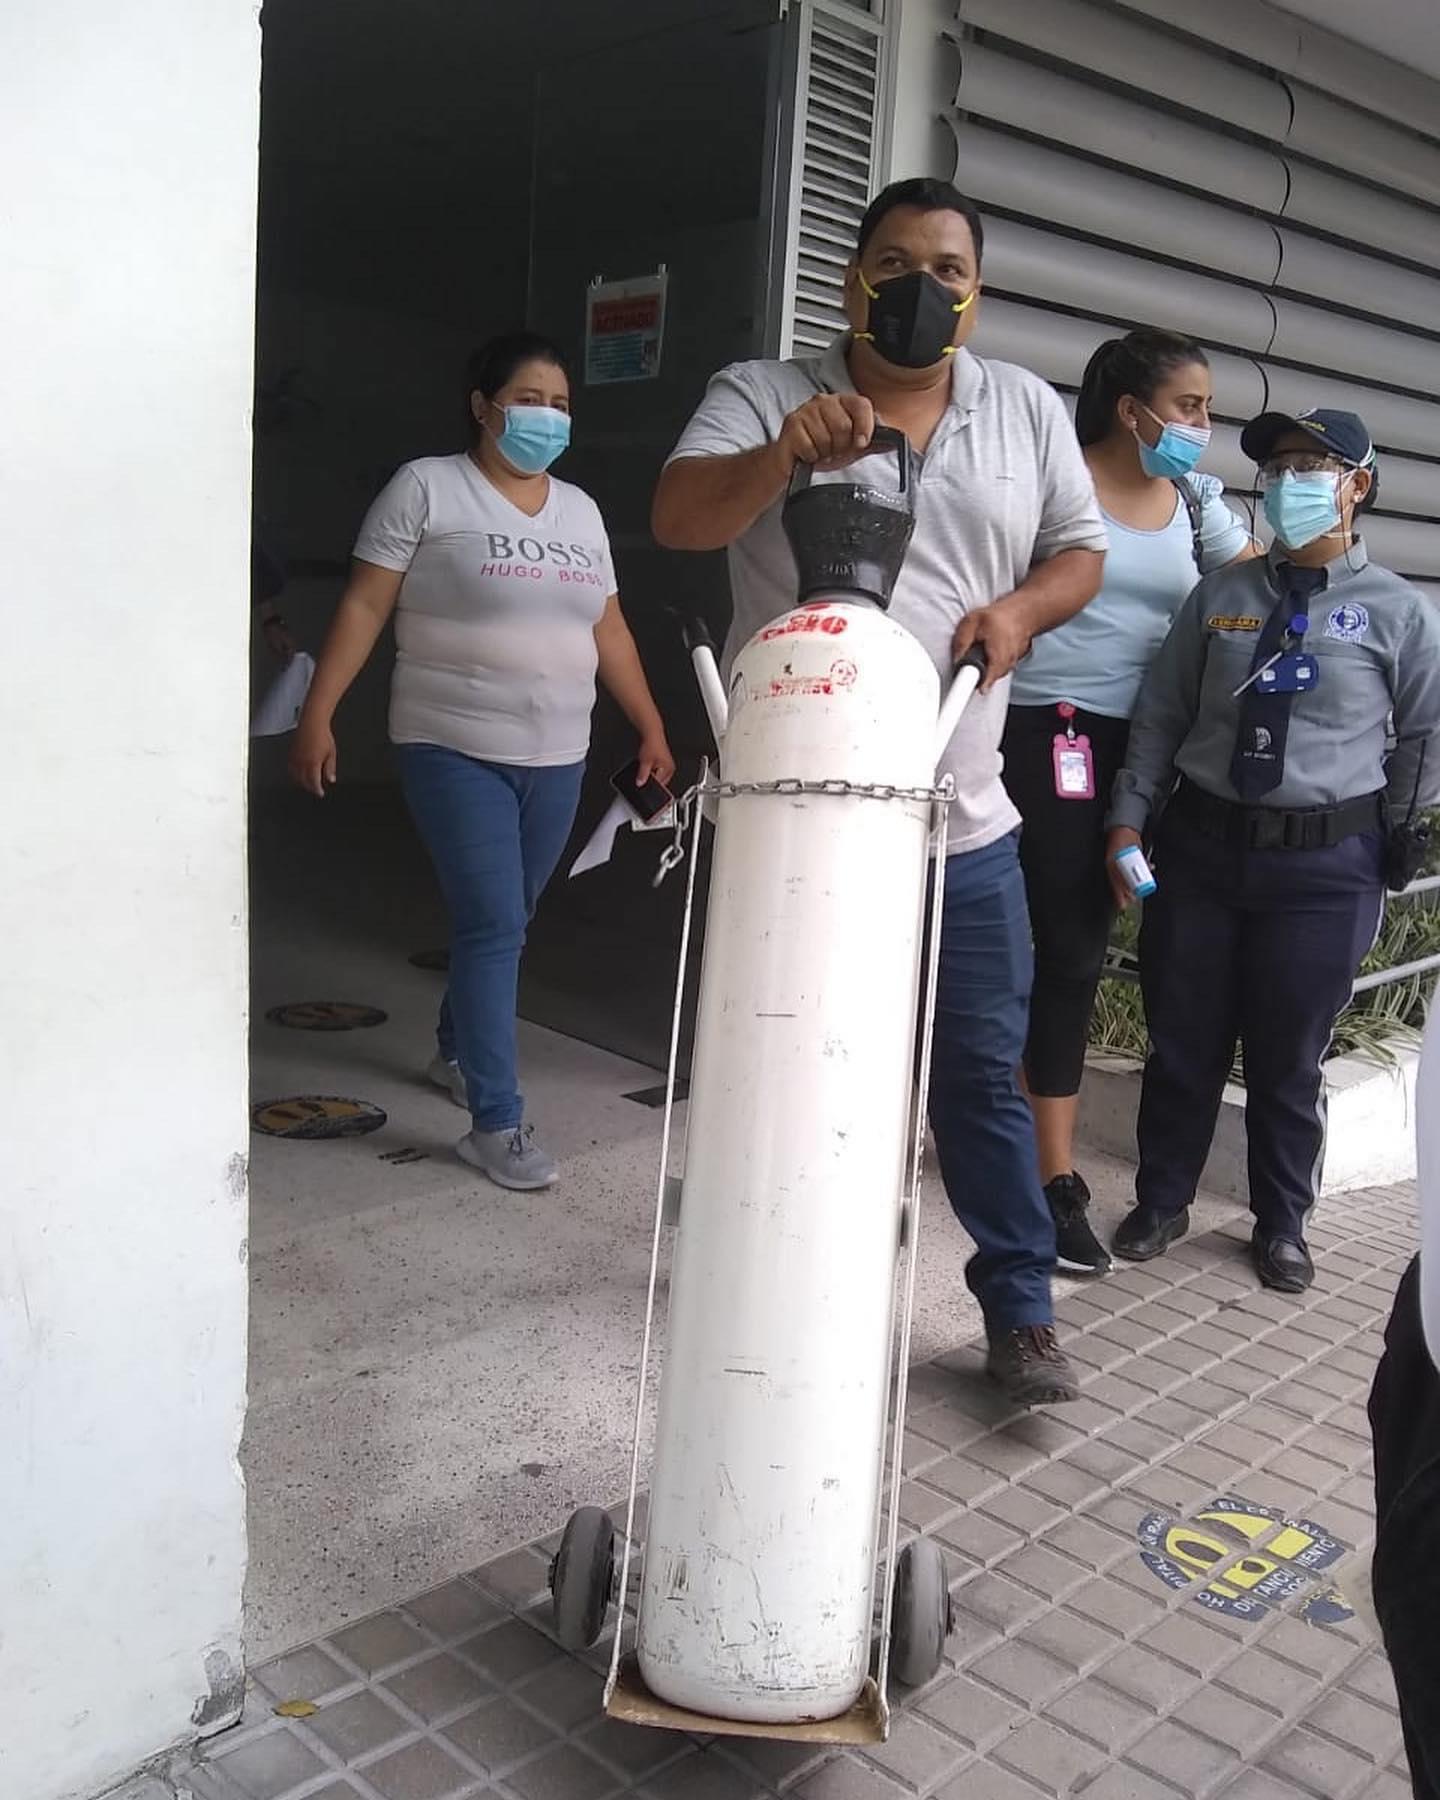 Alcalde de Melgar en fiestas y el Hospital sin oxígeno 6